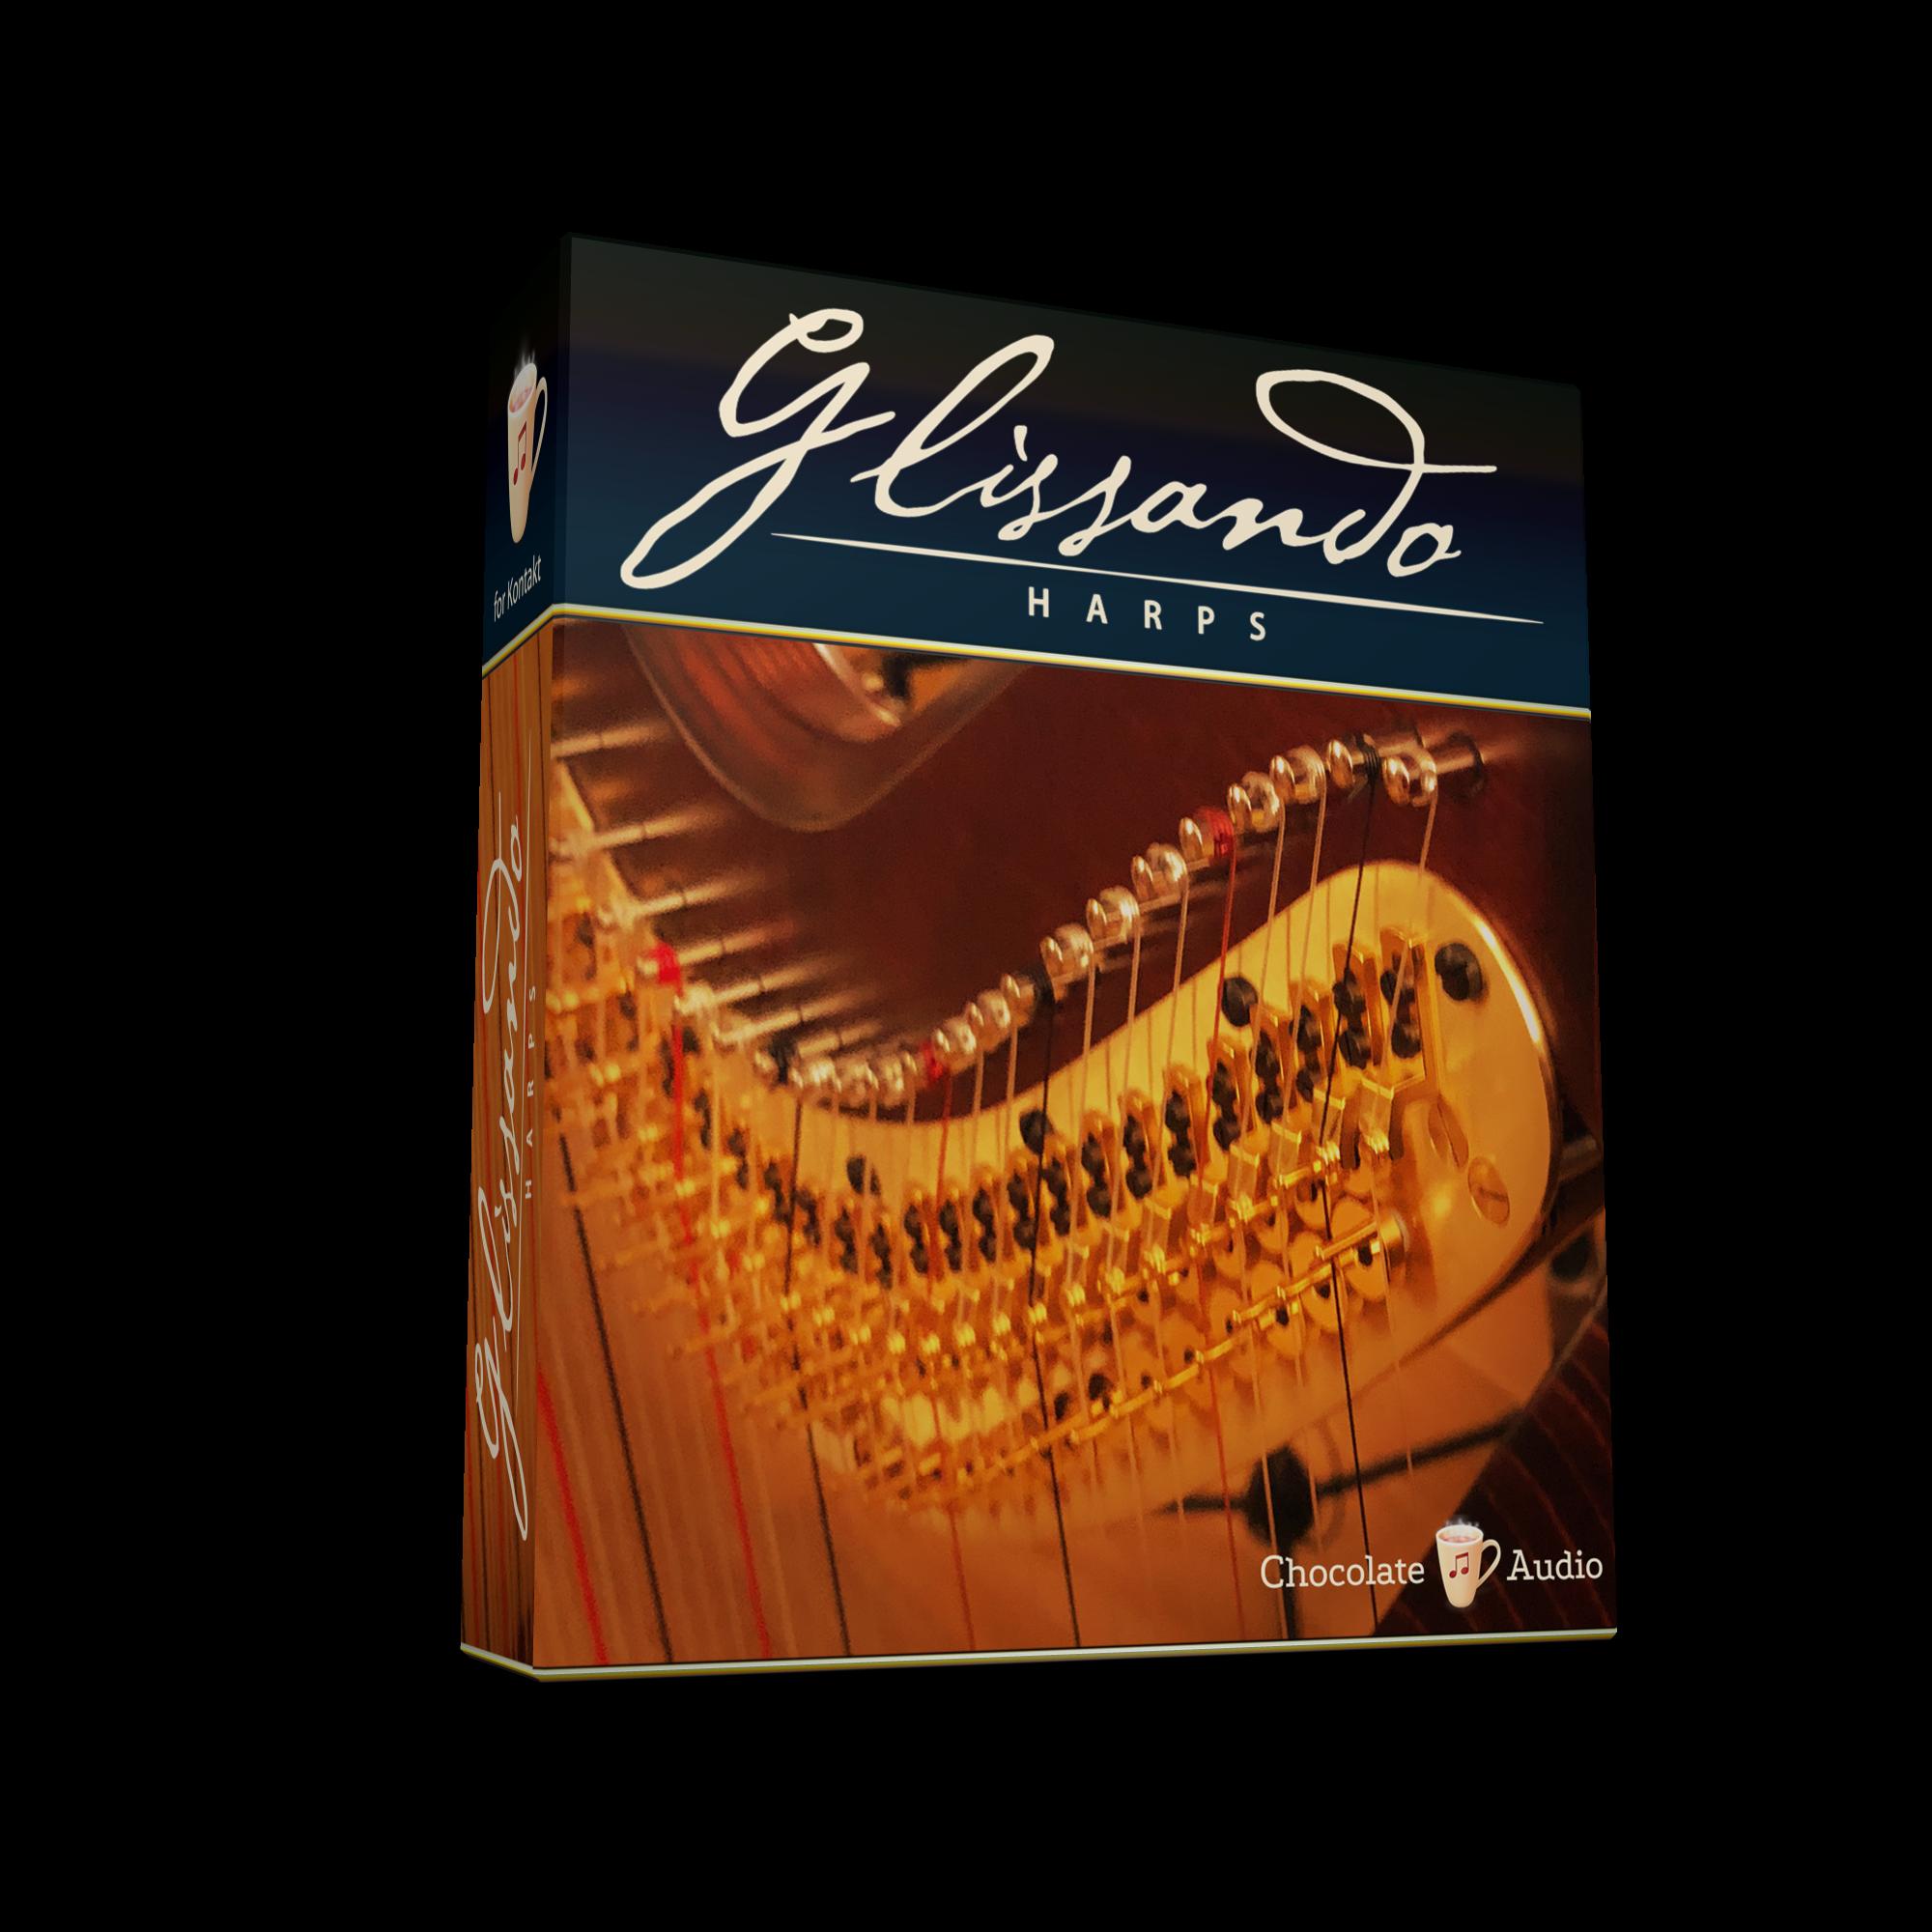 GlissandoHarps-Box-full.png